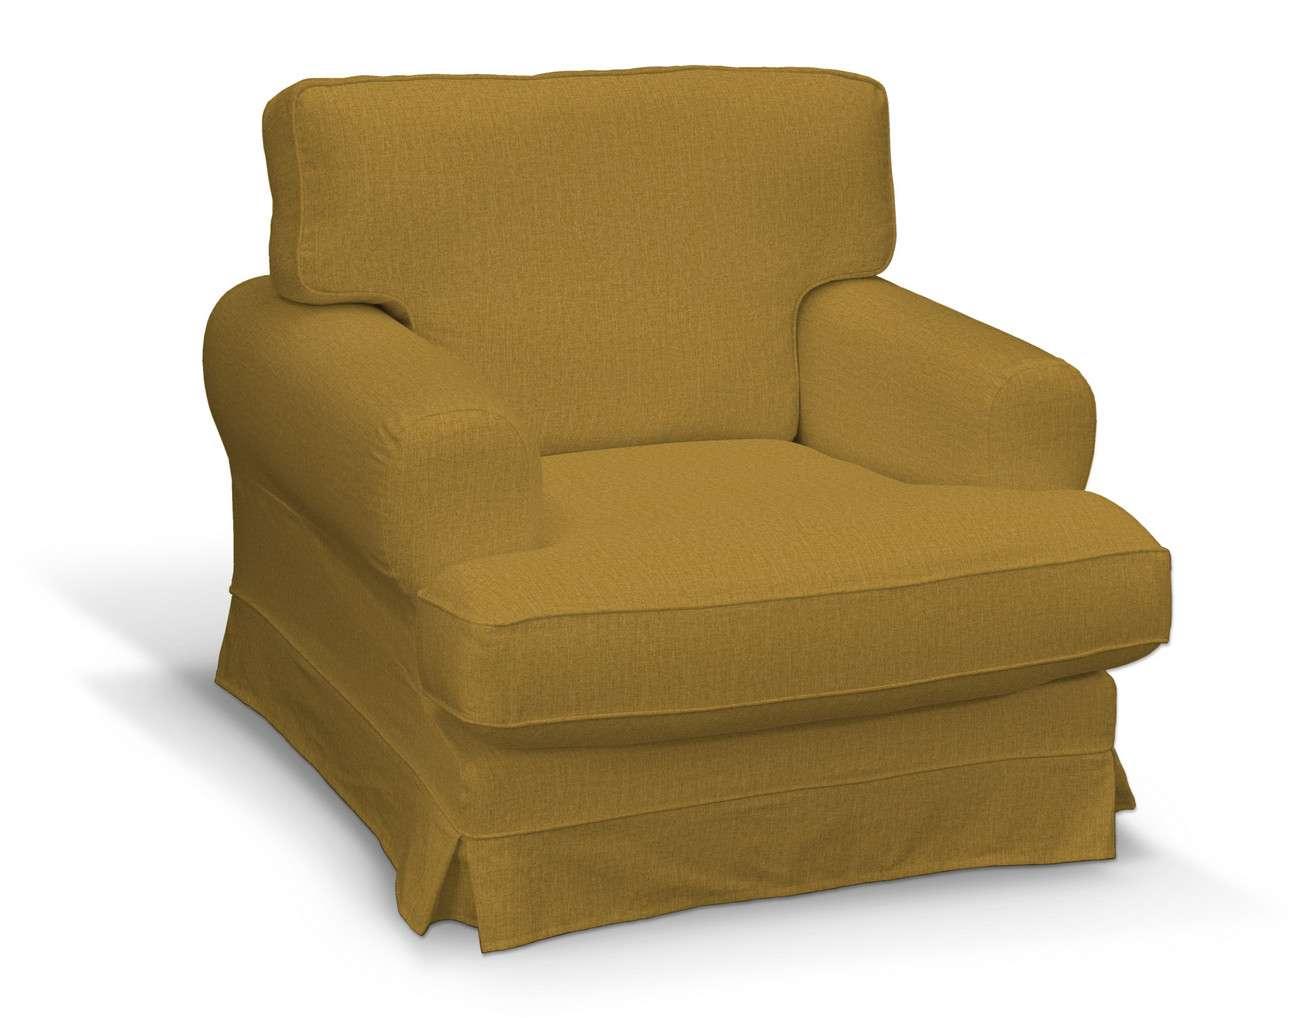 Pokrowiec na fotel Ekeskog w kolekcji City, tkanina: 704-82